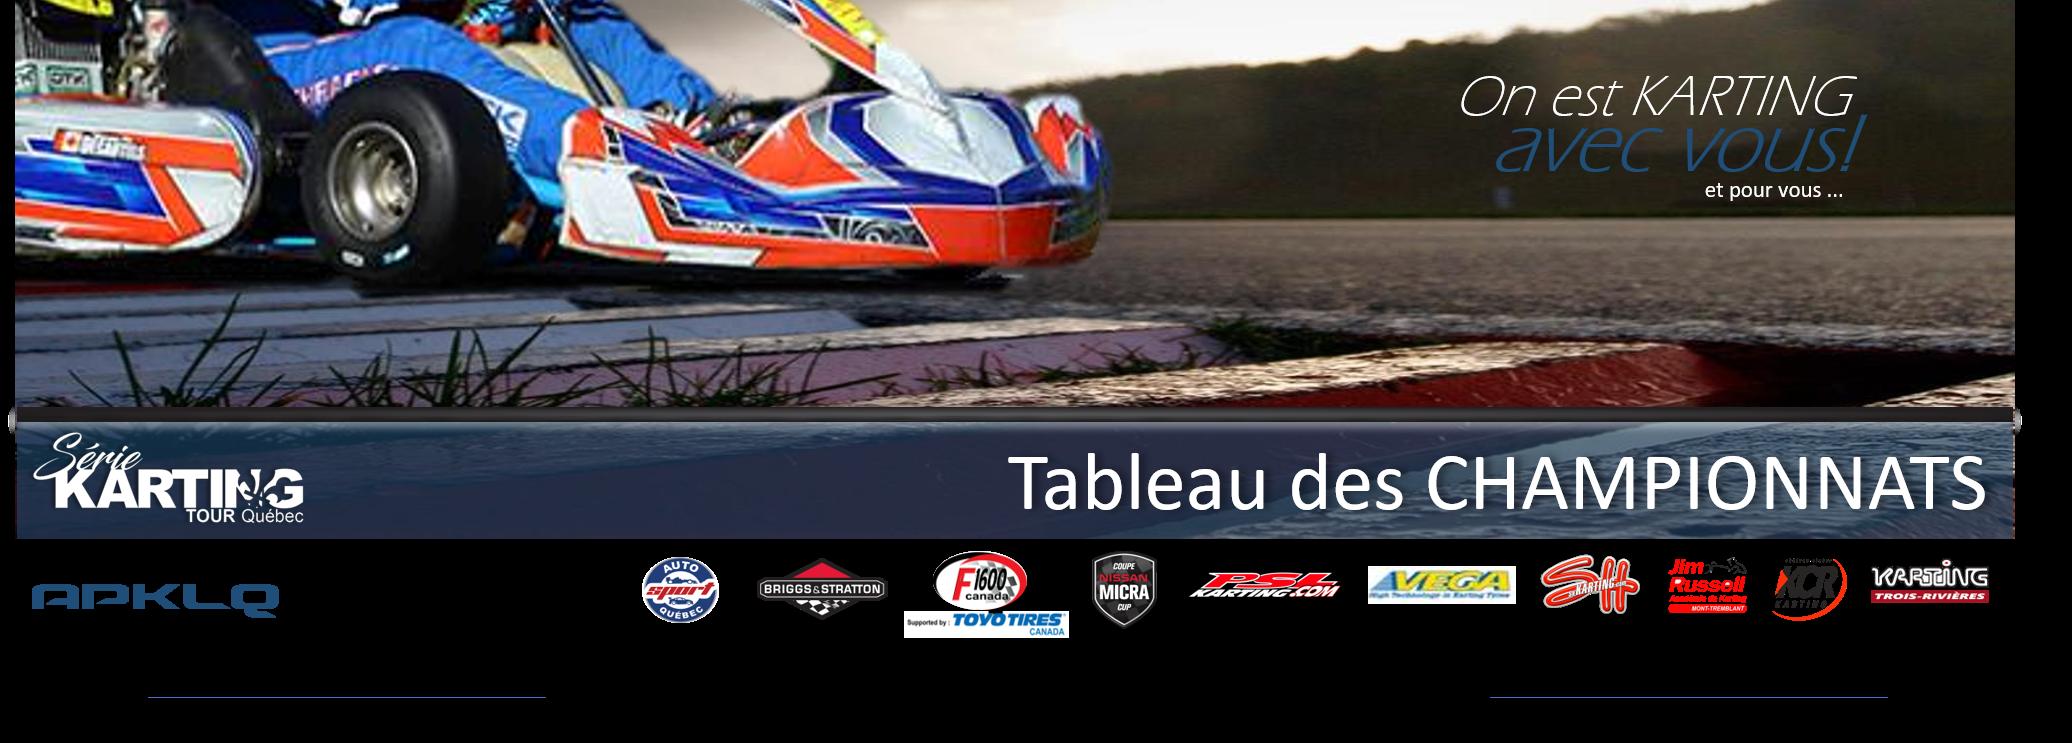 Série Karting TOUR Québec | Classement 2018-08-28